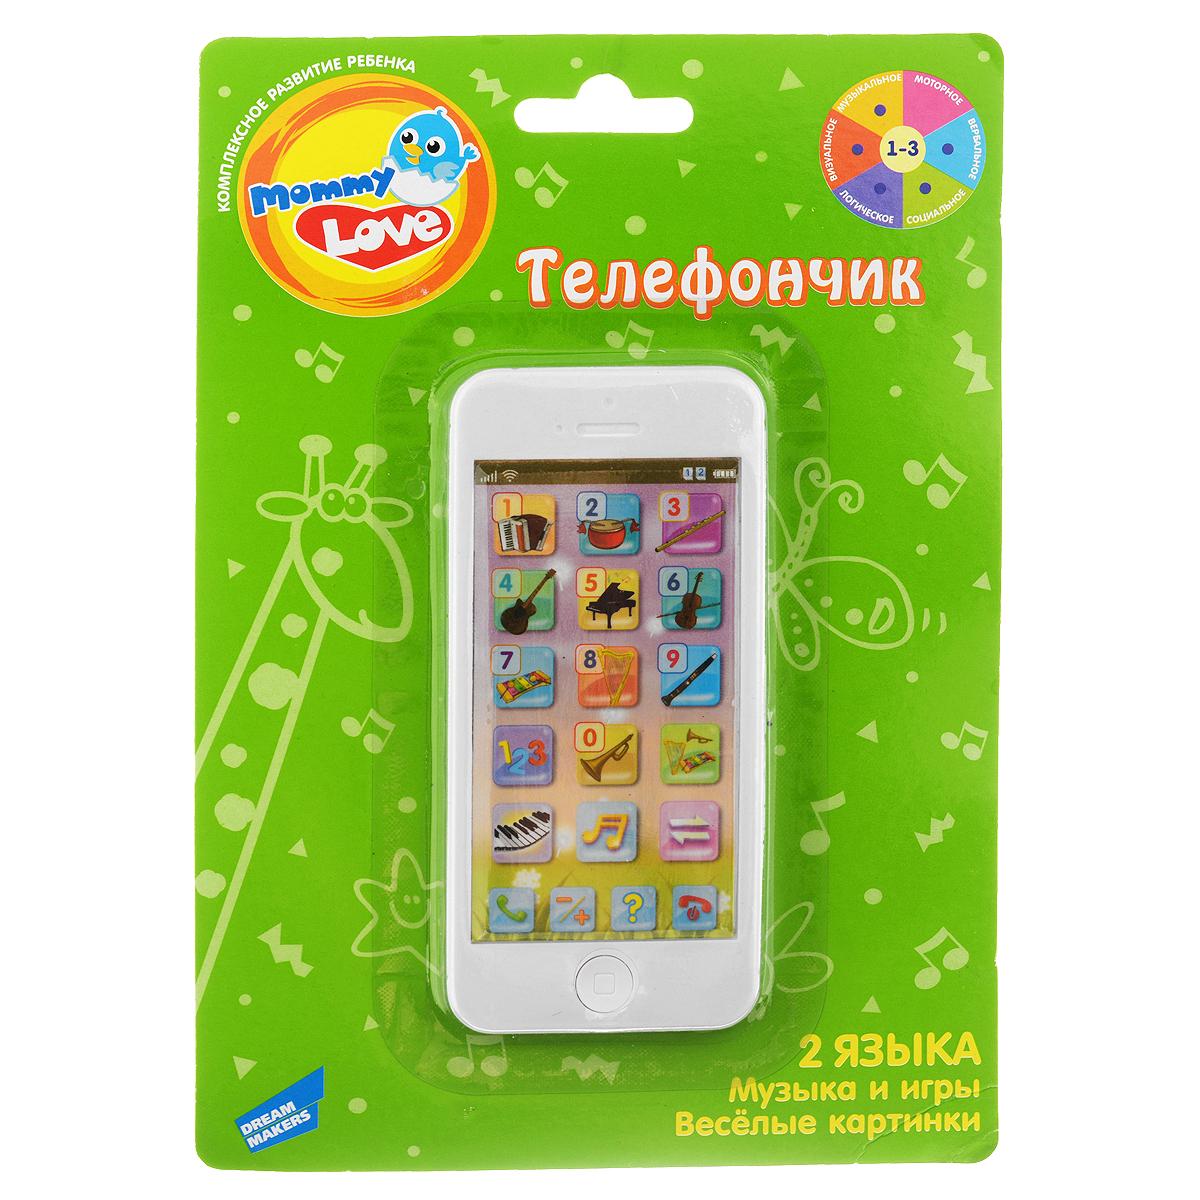 Mommy Love Развивающая игрушка Телефончик цвет белый82032_белыйМузыкальная игрушка Mommy Love Телефончик выполнена из пластика и стилизована под сенсорный телефон. На сенсорном дисплее плеера расположены кнопки выбора с изображениями предметов музыкальной тематики и цифр от 0 до 9, а также кнопки вызова, сброса и режимов. В нижней части плеера находится кнопка включения/выключения. Игрушка предусматривает следующие режимы: Цифры. При нажатии на кнопки произносится цифра и воспроизводится звуковой сигнал. 2. Ммузыкальные инструменты. При нажатии на кнопки произносится название того или иного музыкального инструмента. 3. Вопрос-ответ. При нажатии на кнопку ? ребенку называется цифра/предмет и предлагается выбрать правильный вариант ответа. Если ответ выбран верно, звучат аплодисменты, при ошибке телефон предлагает попробовать еще раз. 4. Сложение и вычитание цифр. При нажатии на кнопку -/+ малышу задается вопрос Сколько будет…? и предлагается выбрать правильный вариант ответа. 5. Мелодии. При нажатии на...